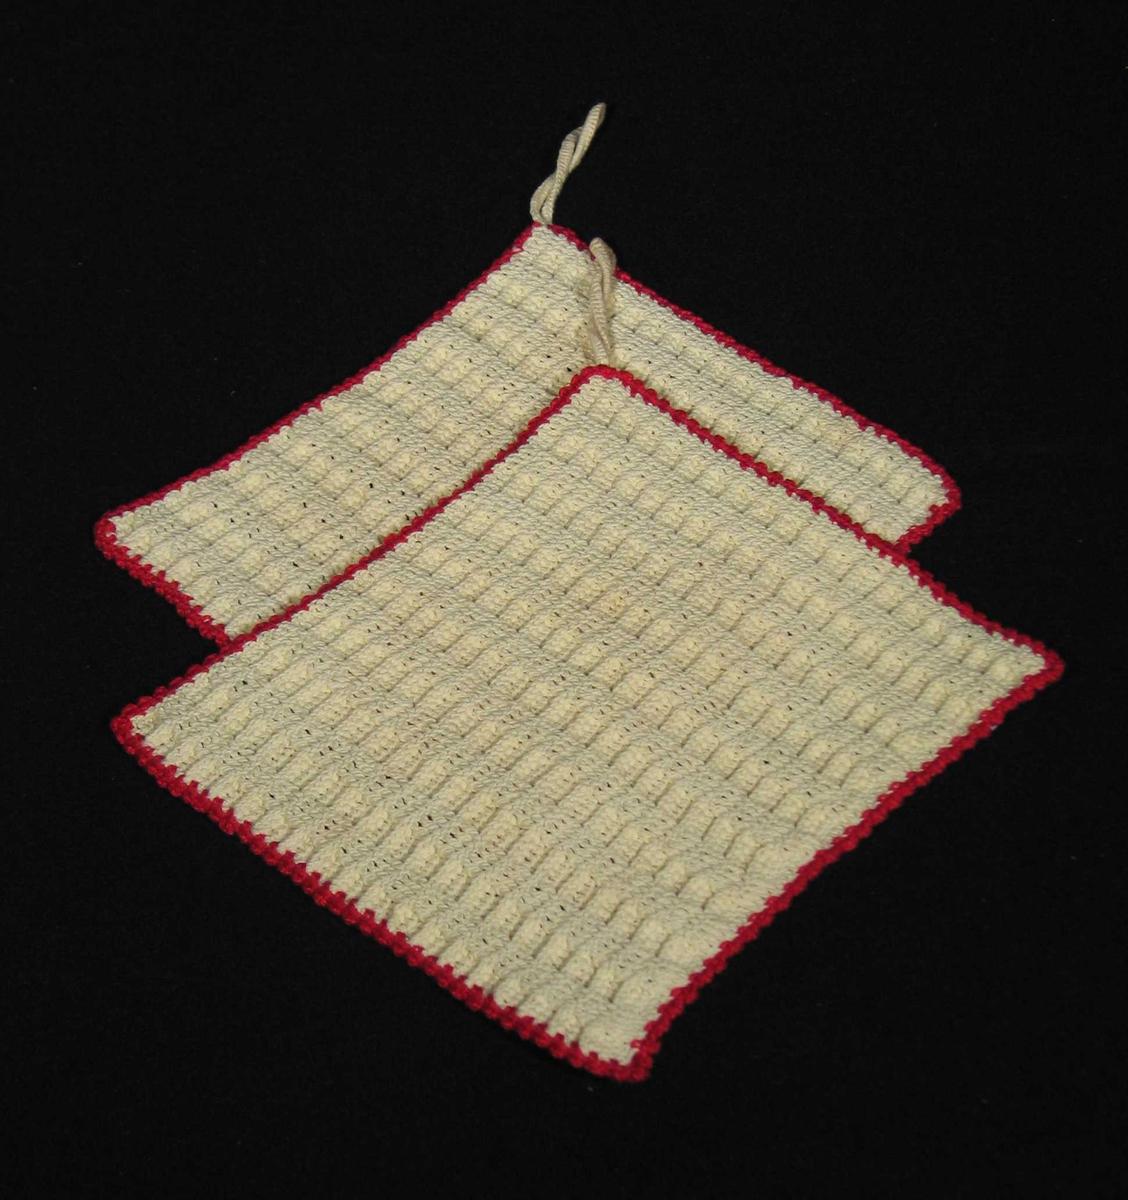 To stykker heklet gulhvit gryteklut med rød tagget kant. Heklingen består hovedsakelig av staver og danner et rutemønster i strukturen. Heklet hempe.